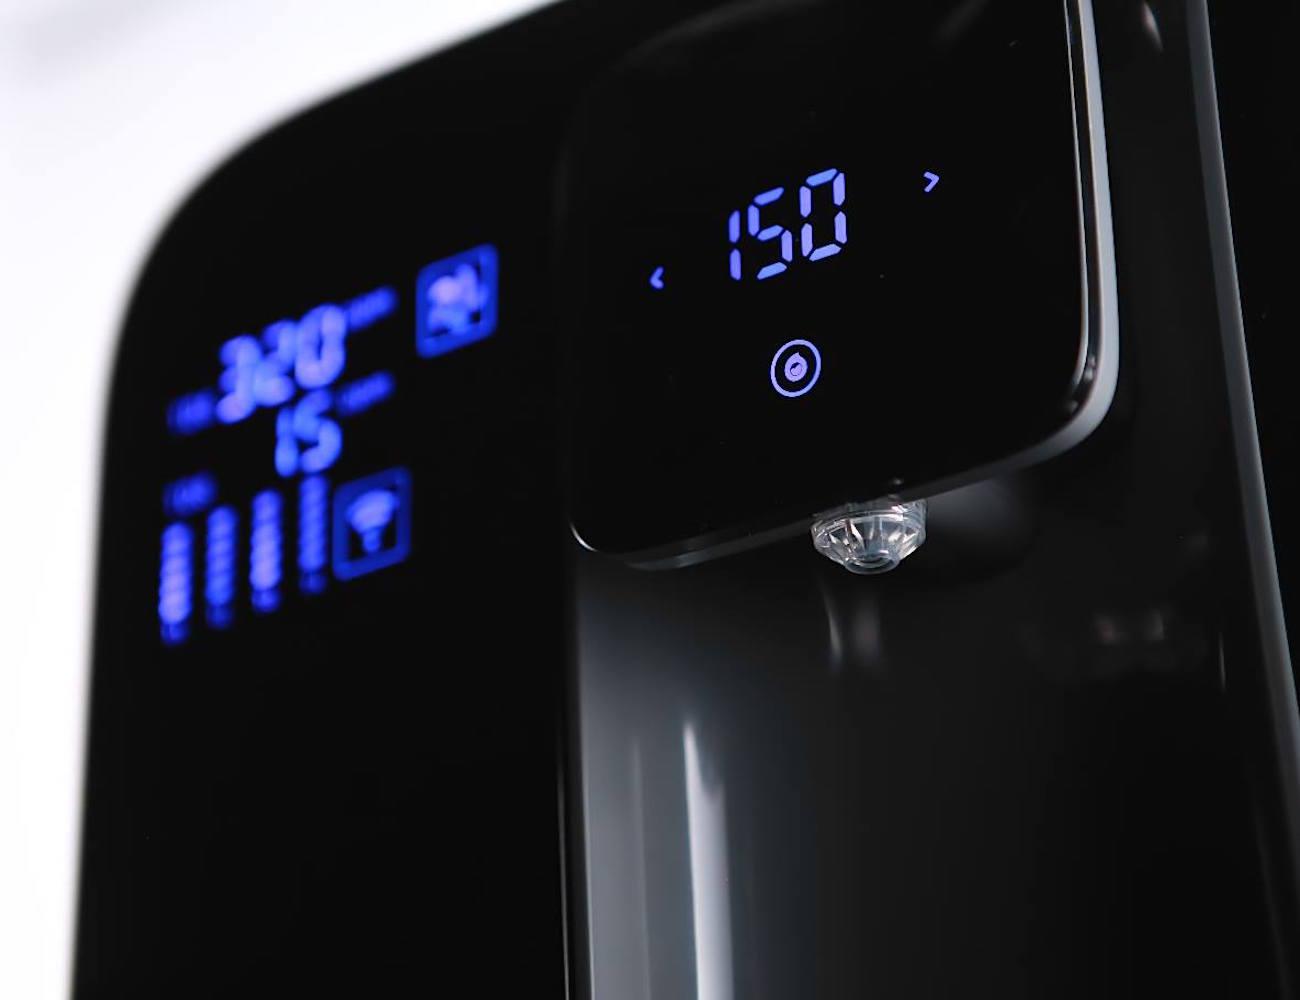 WaterO – The Countertop Water Purifier